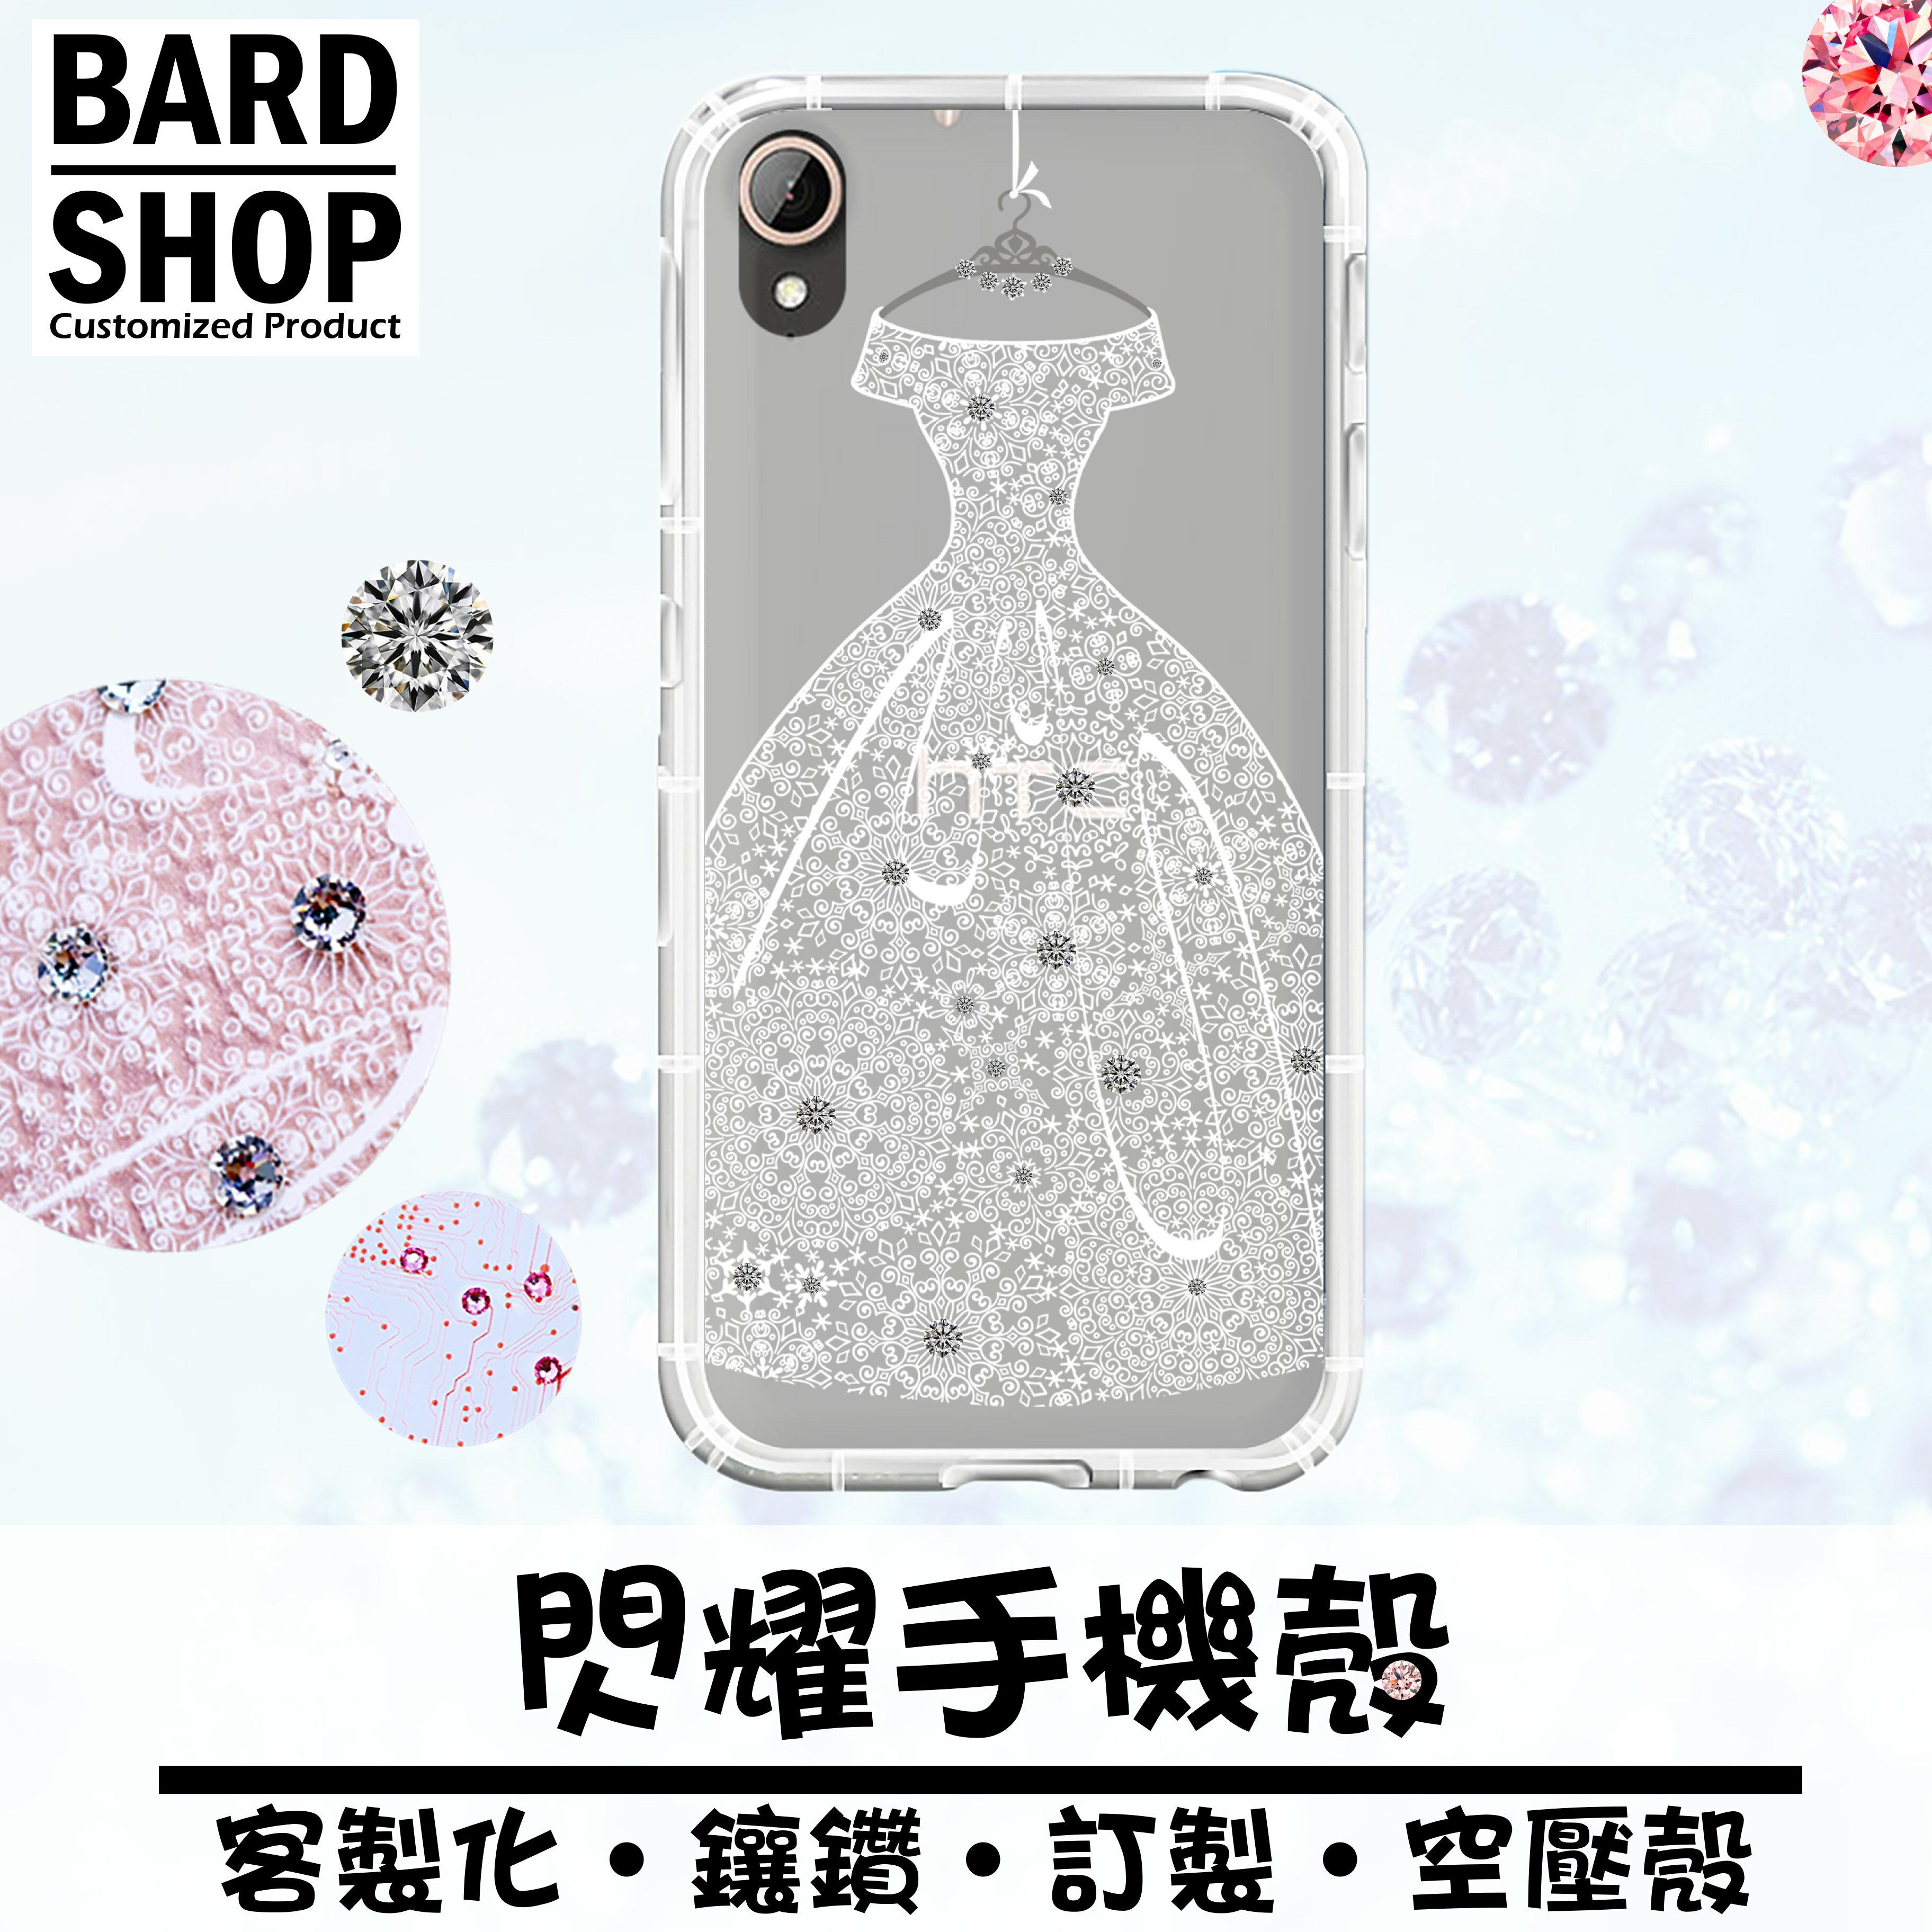 [客製化圖案][全型號]客製化--閃耀手機殼 日本工藝超精細施/華洛世奇水鑽/SWAROVSKI/客製化圖案/送禮/自用/生日/訂做 1